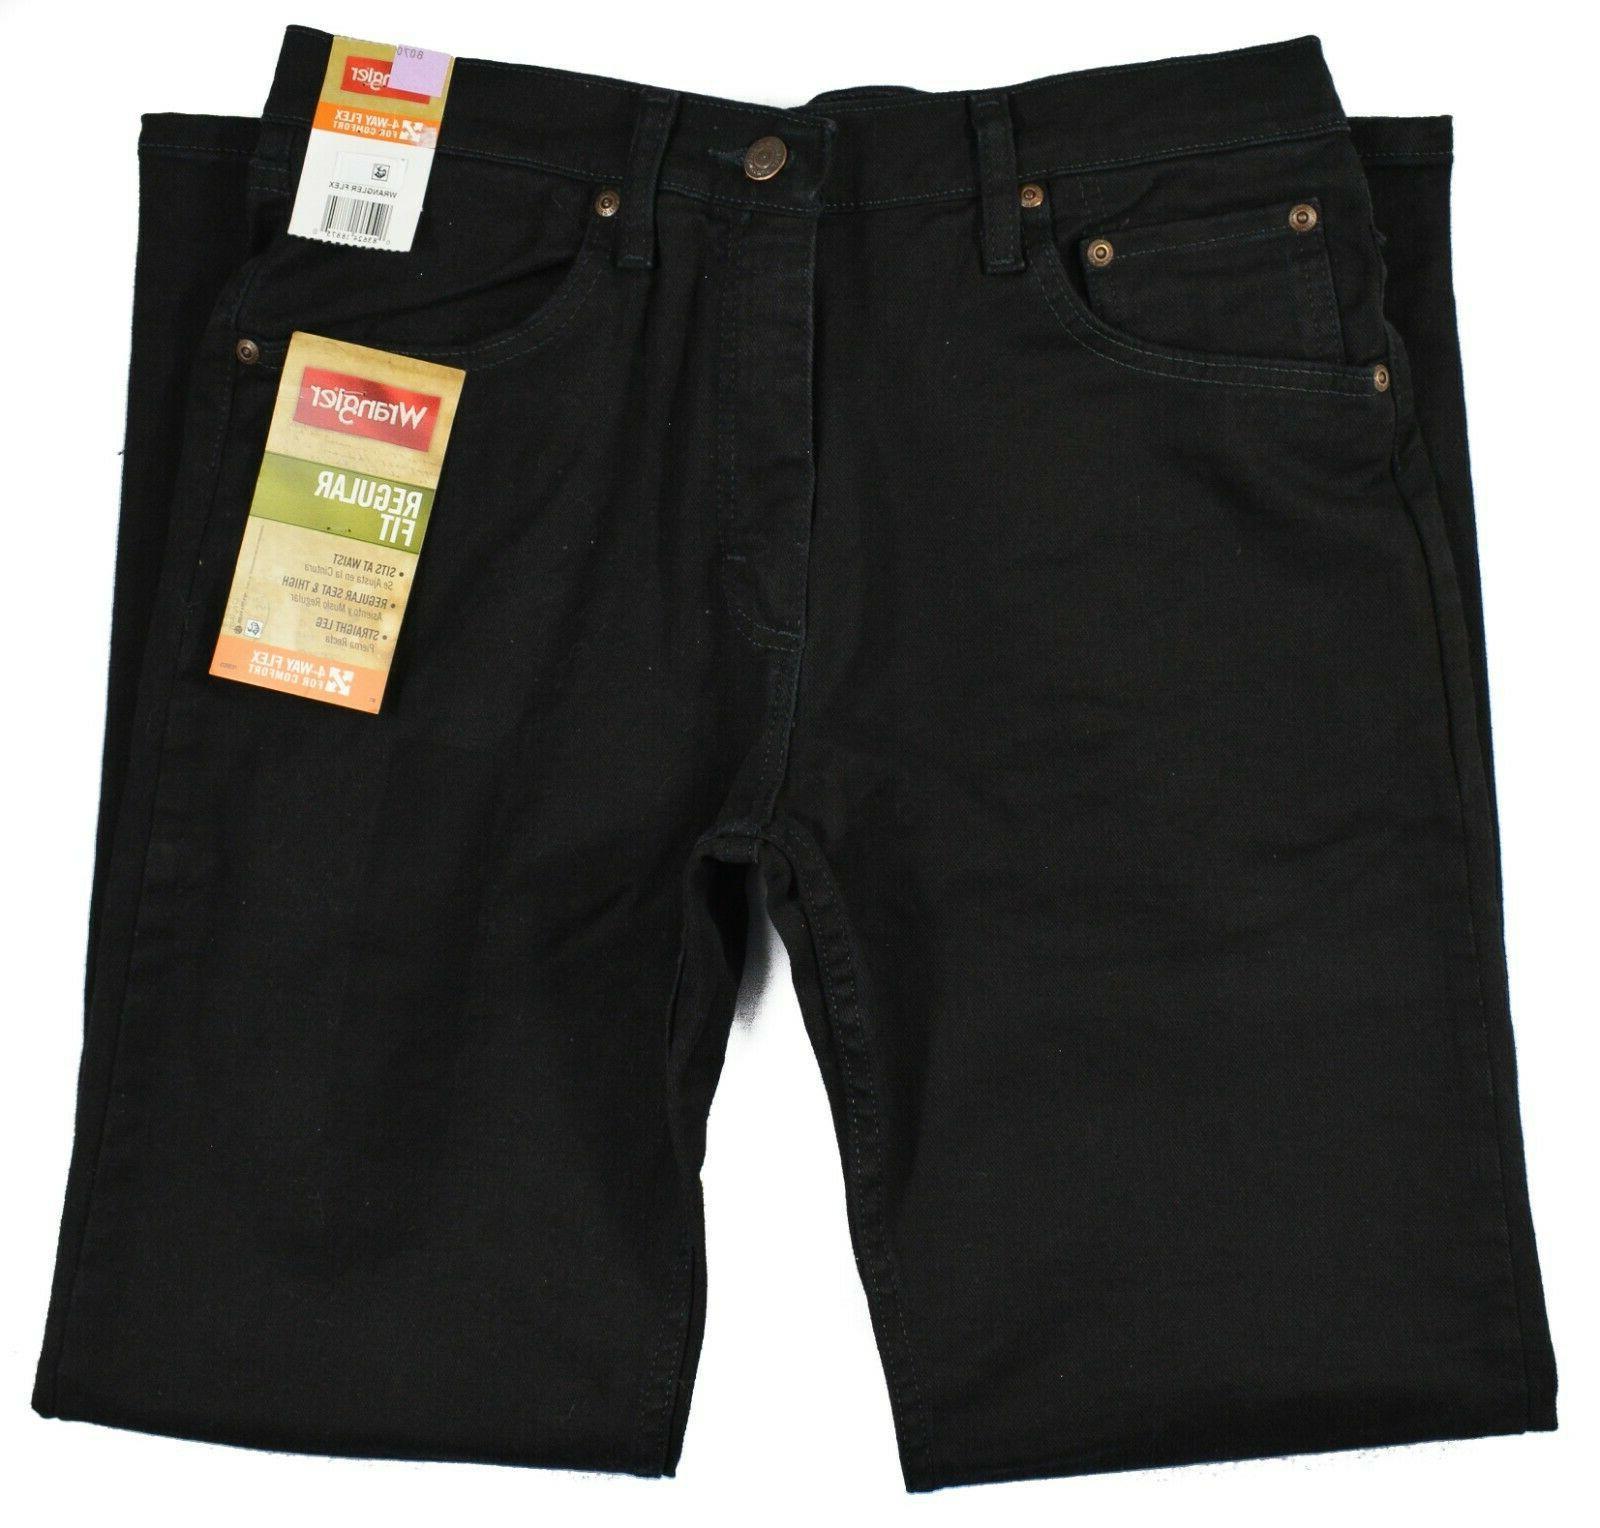 Wrangler #8070 Black Regular Fit Straight Leg Stretch